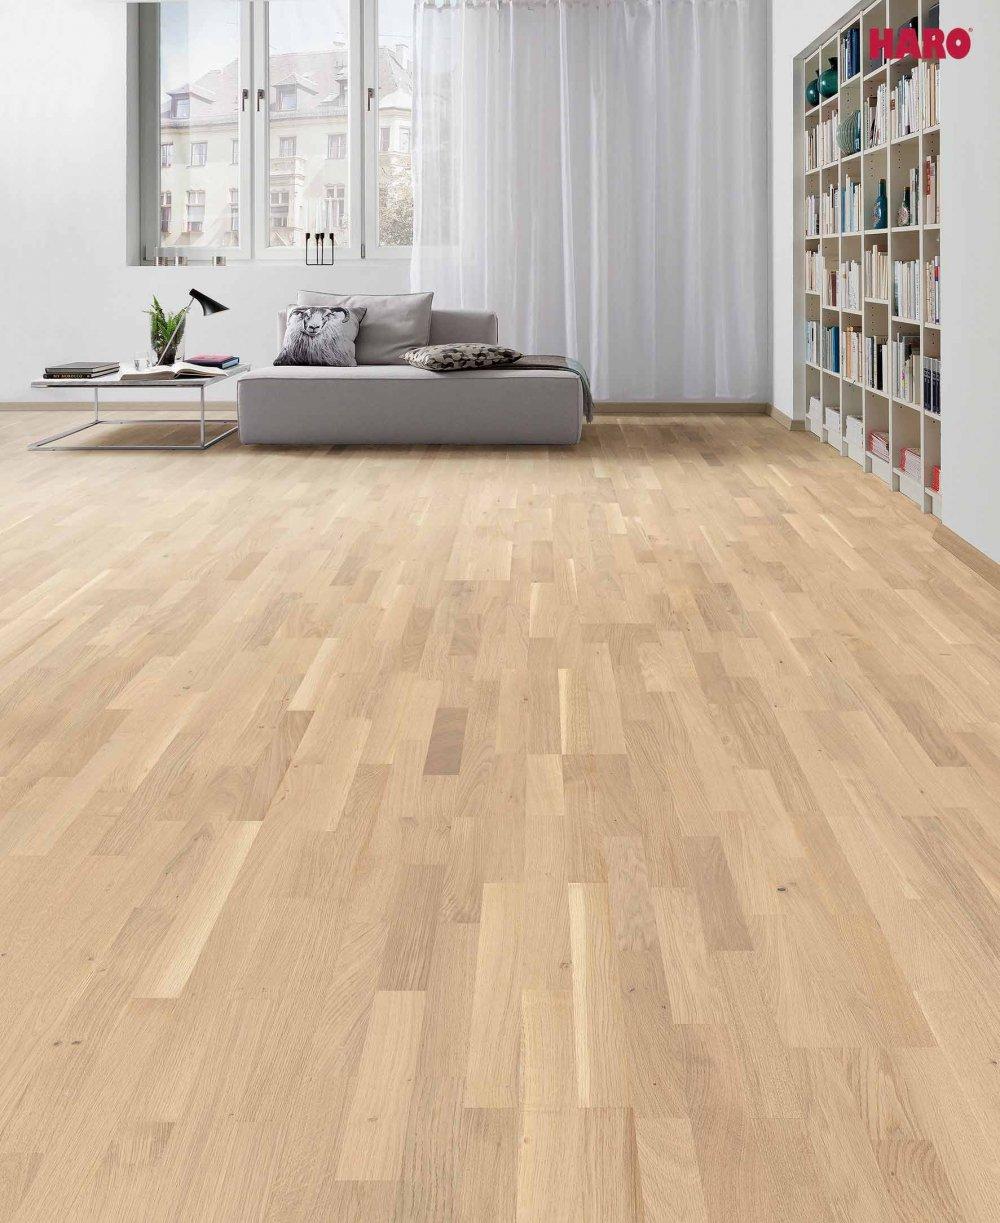 531987 haro parkett 3 stab schiffsboden 4000 eiche. Black Bedroom Furniture Sets. Home Design Ideas